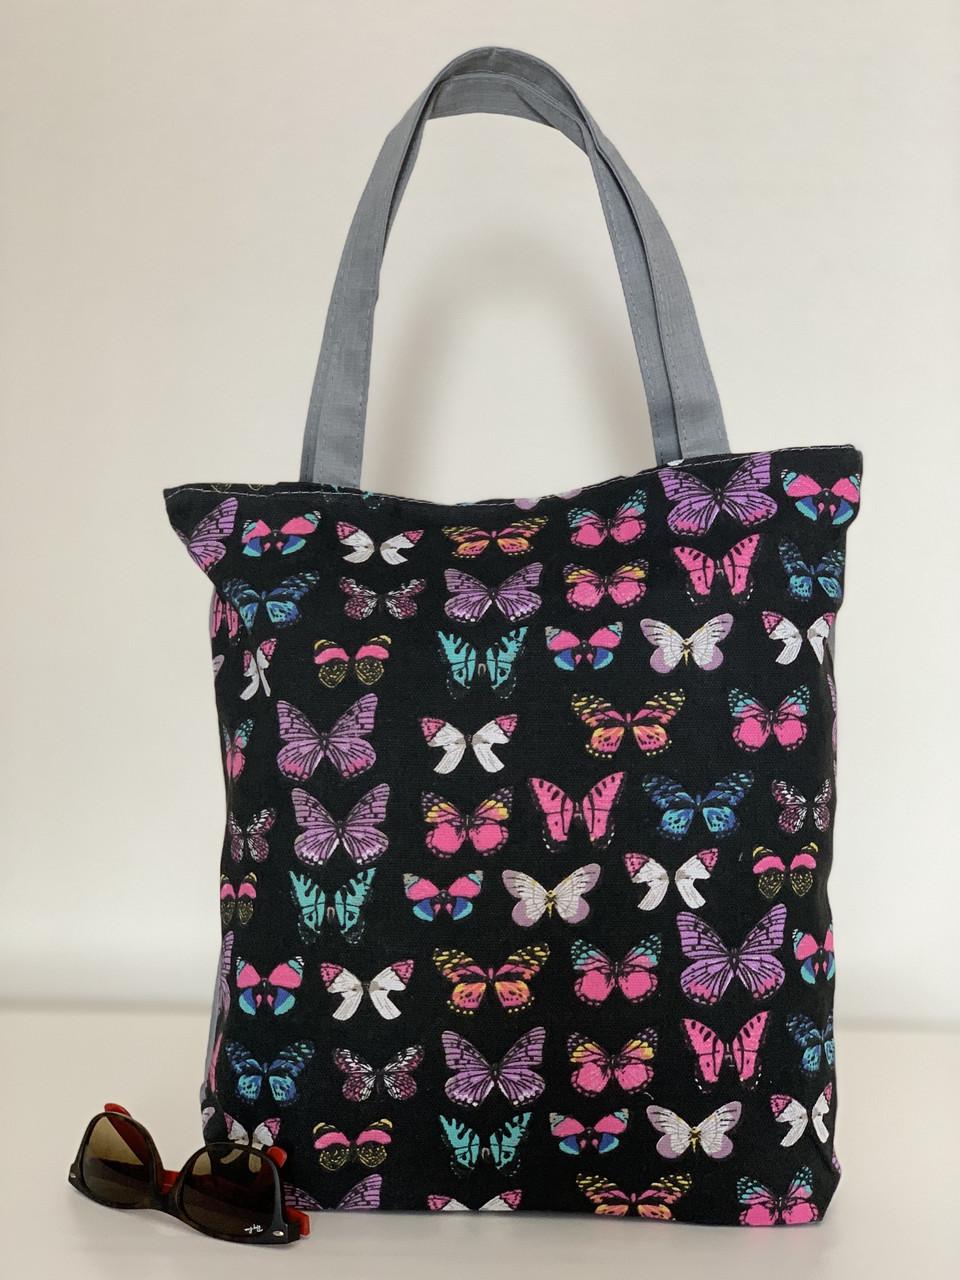 Молодежная эко сумка из хлопка с бабочками для пляжа и покупок